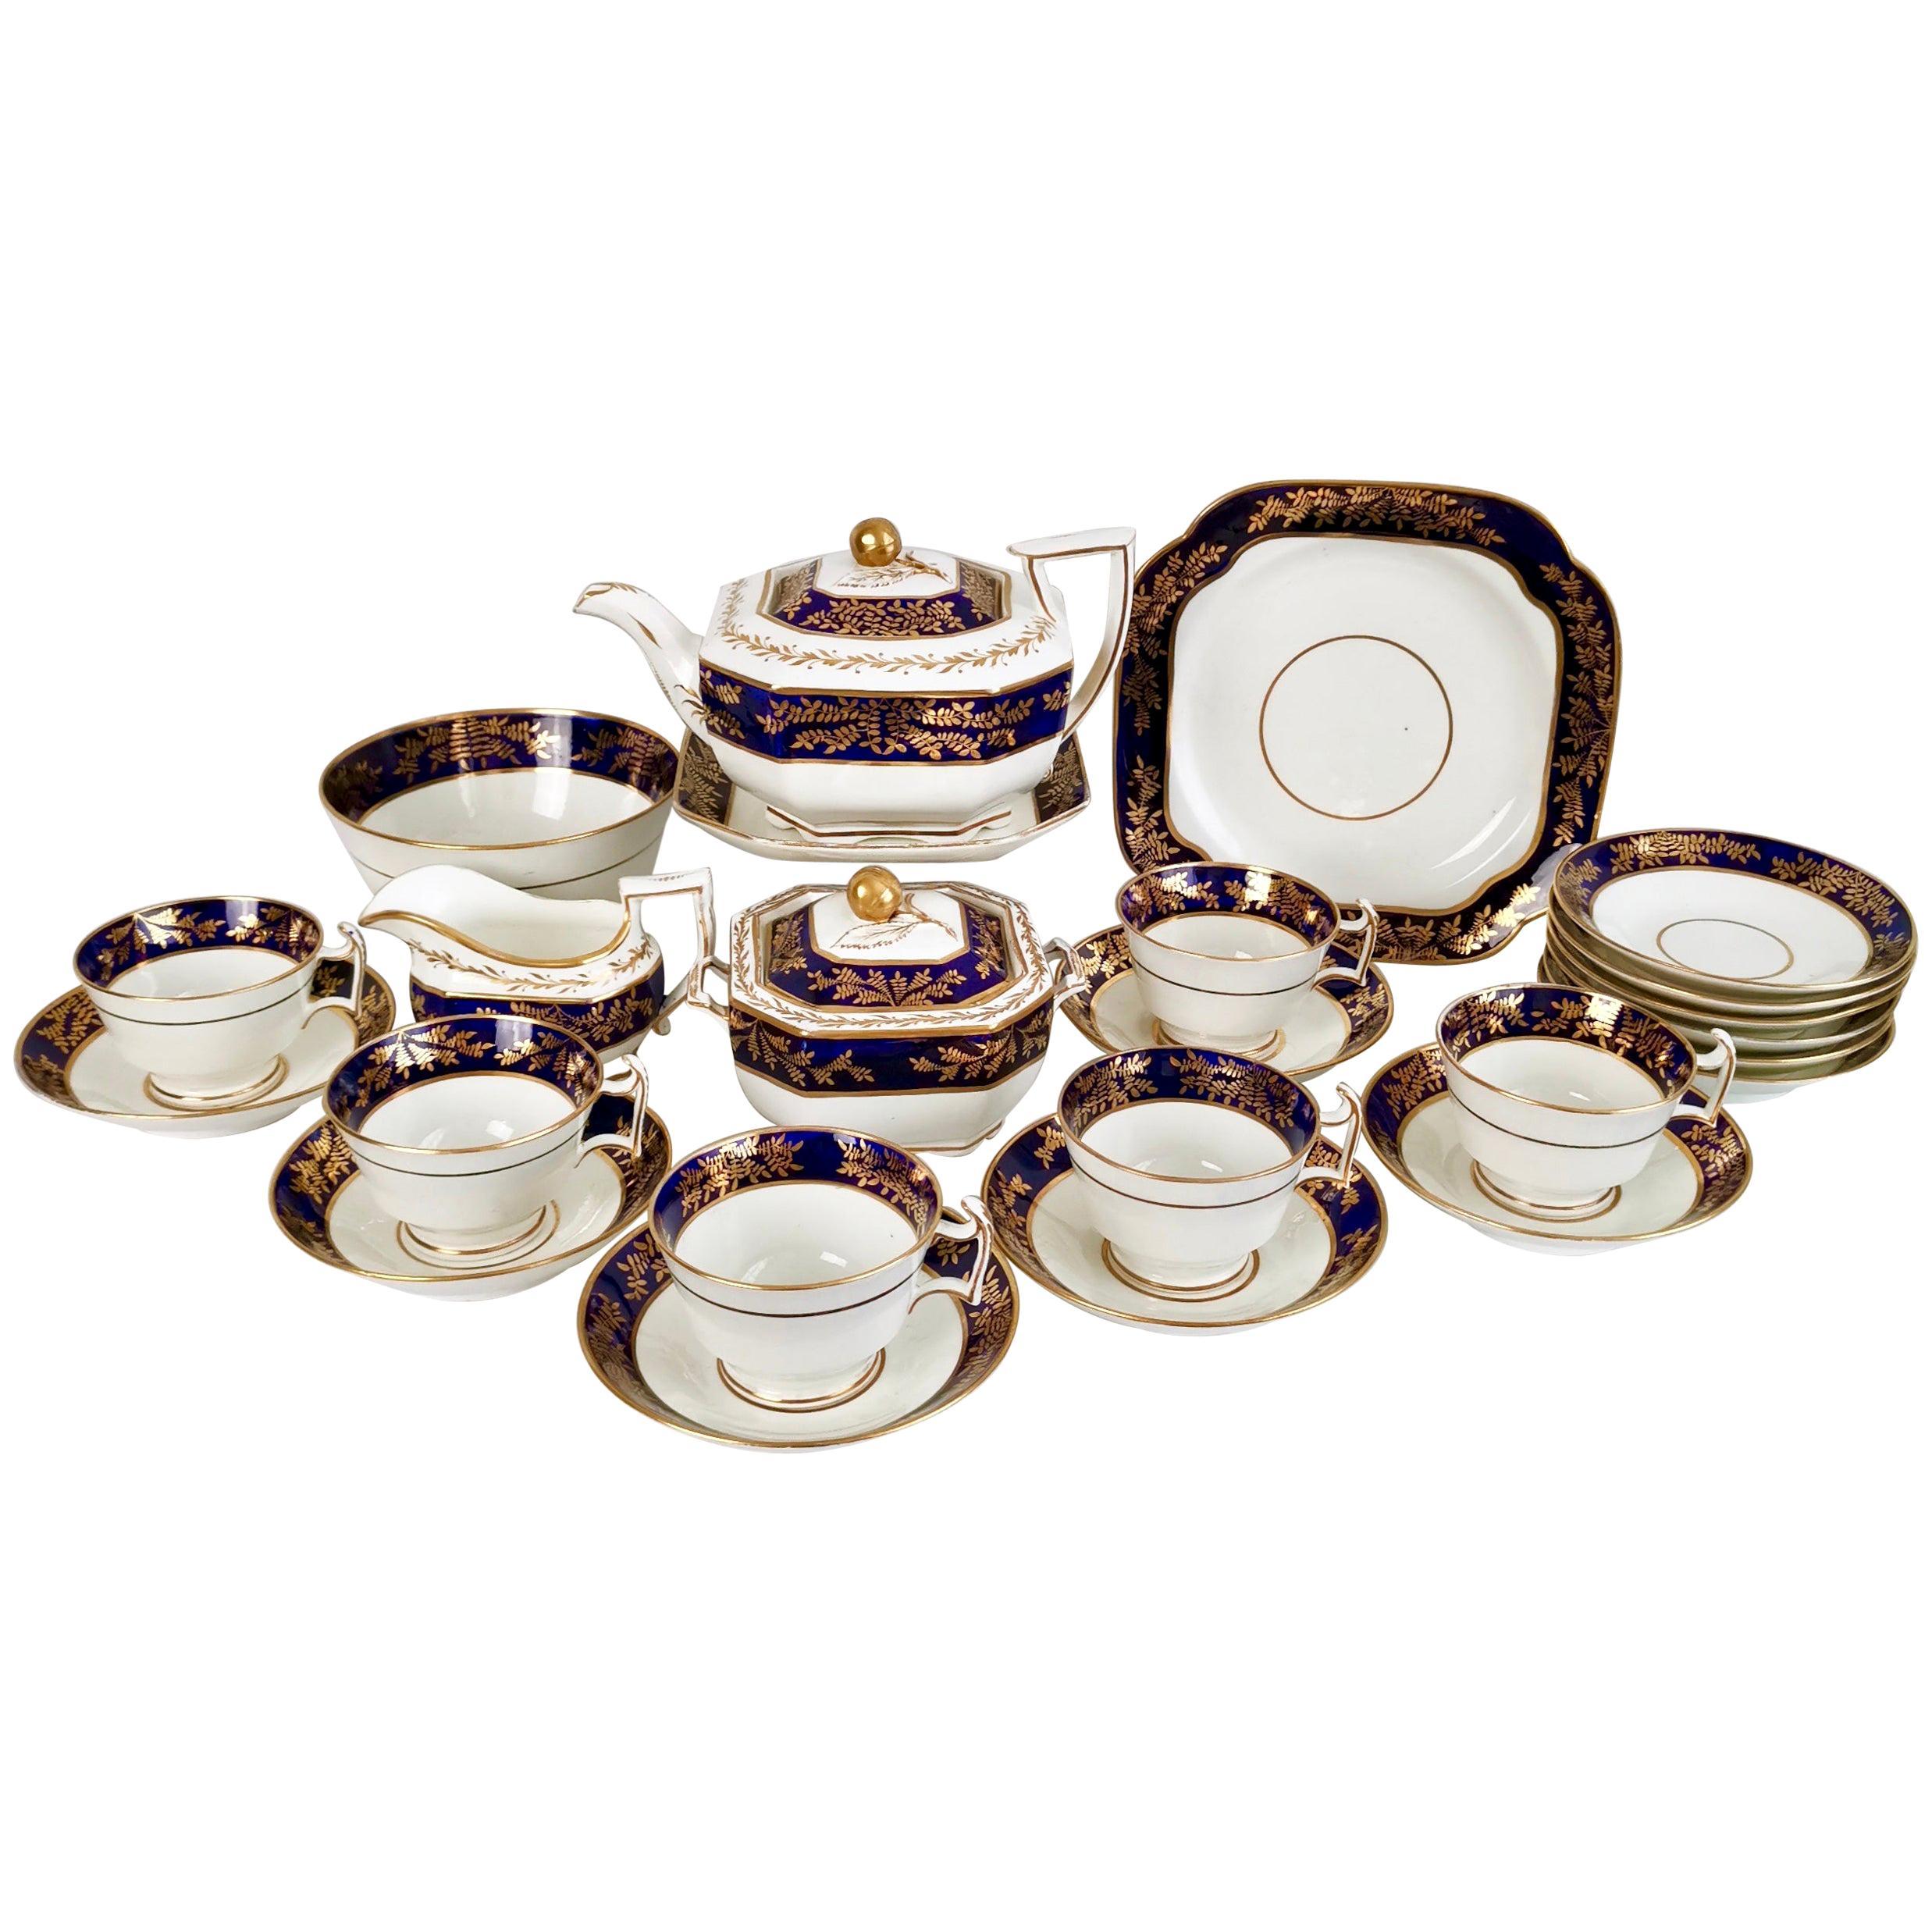 Spode Tea Service, Felspar Porcelain White and Cobalt Blue, Regency 1815-1820